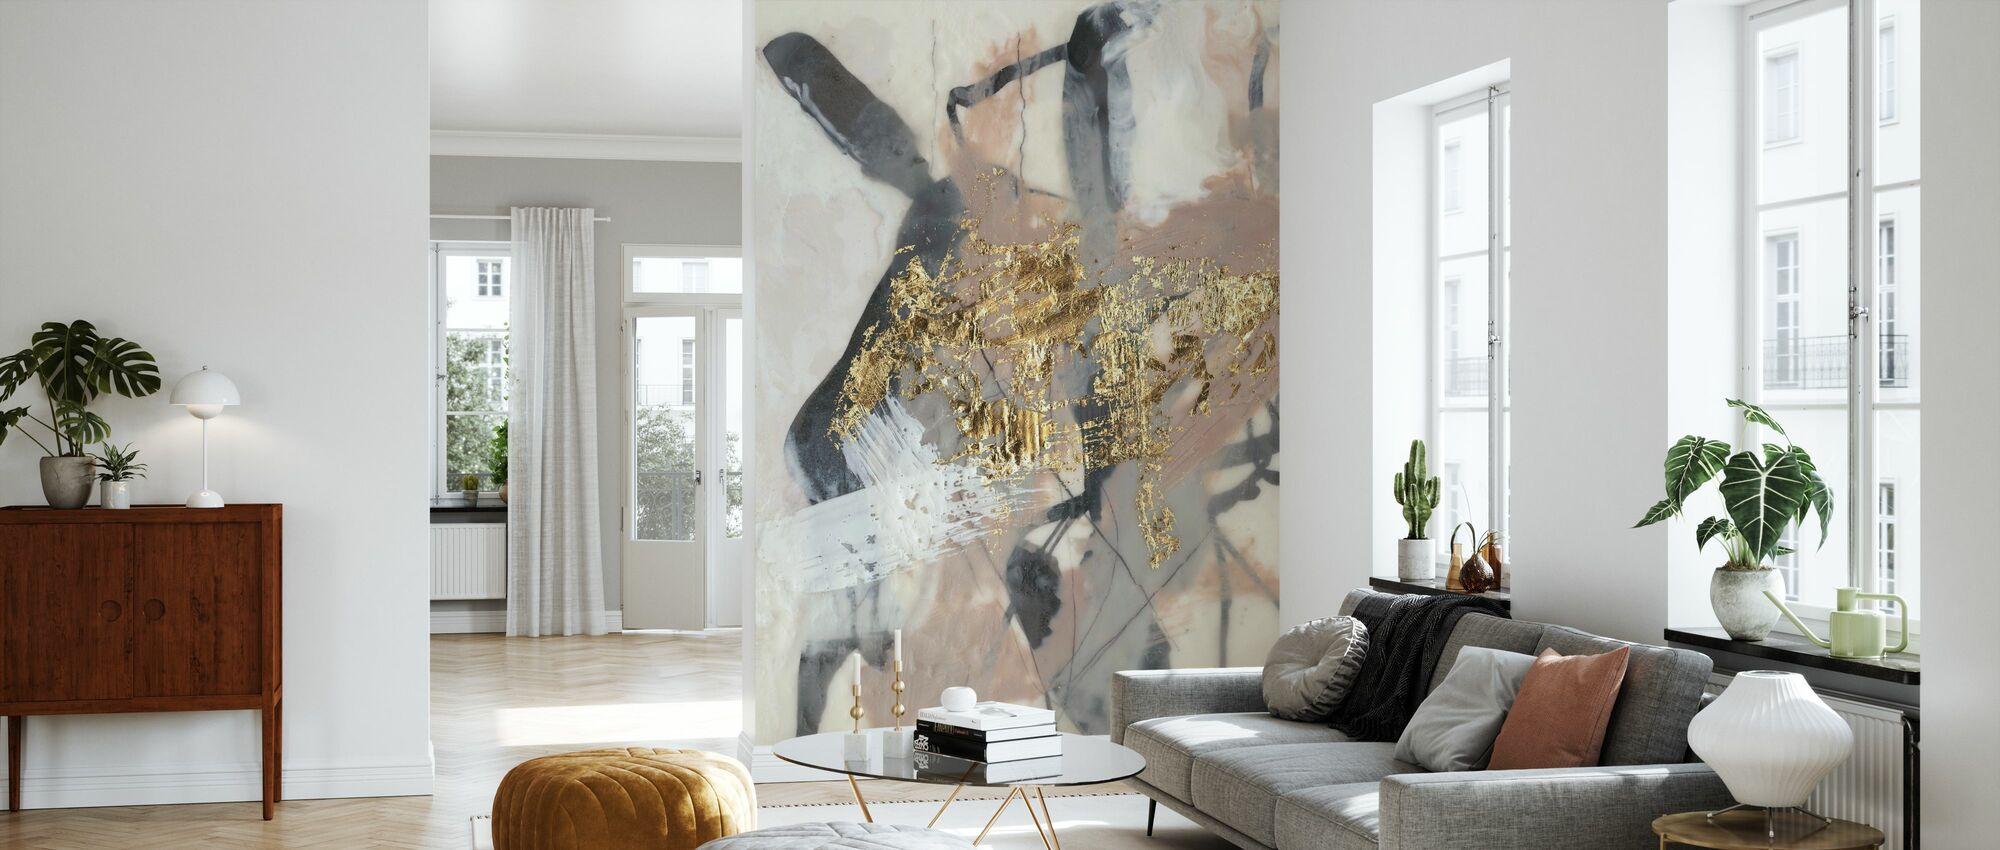 Golden Blush - Wallpaper - Living Room